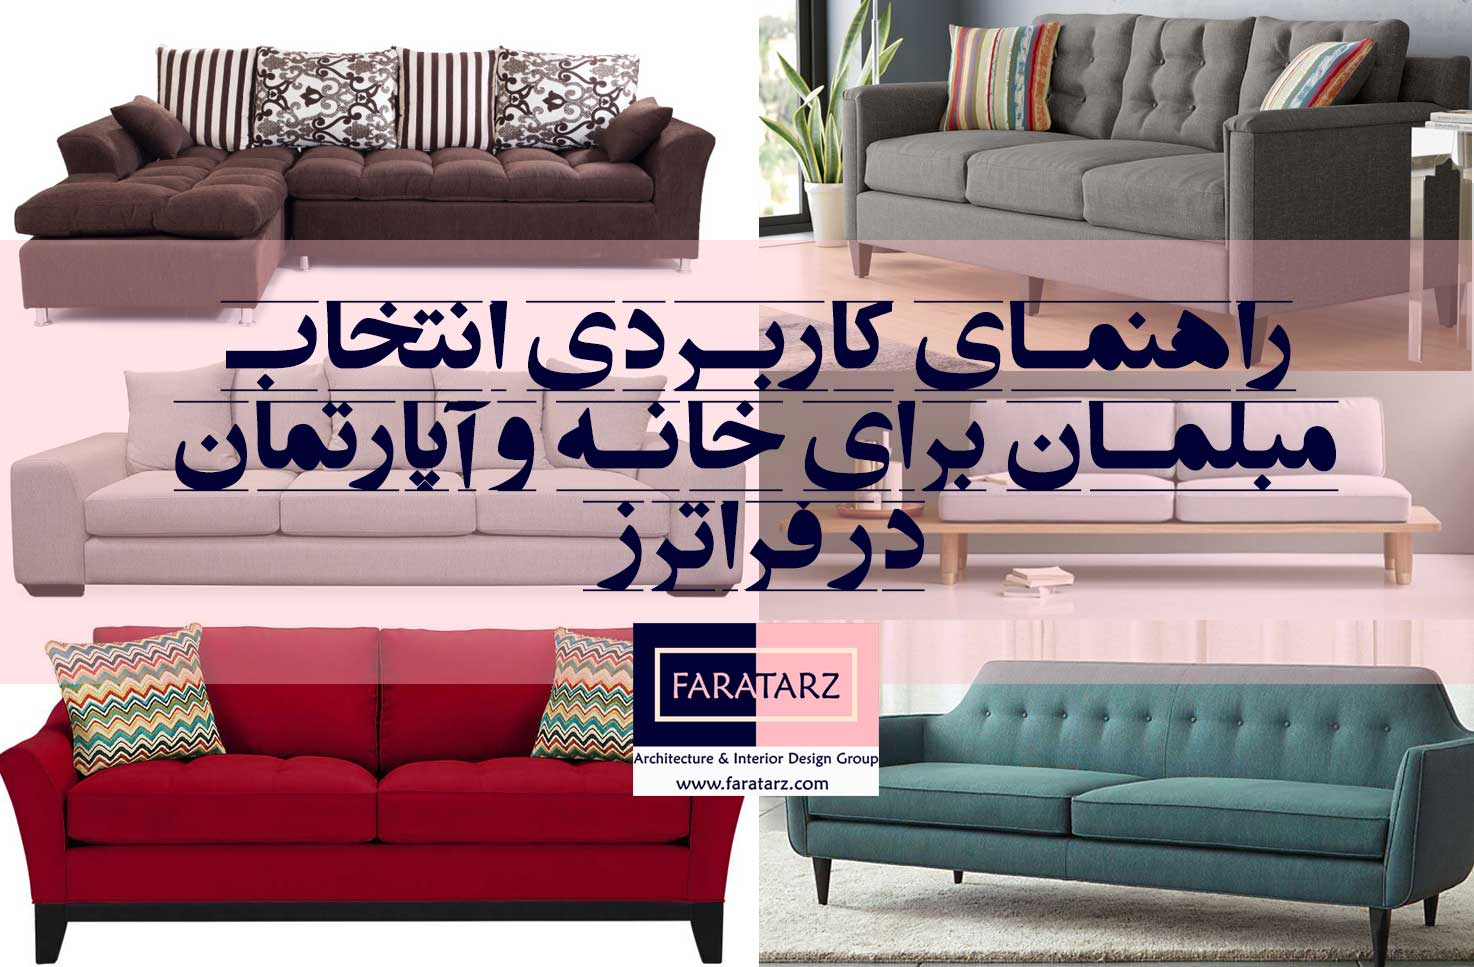 راهنمای کاربردی انتخاب مبلمان مناسب برای خانه و آپارتمان